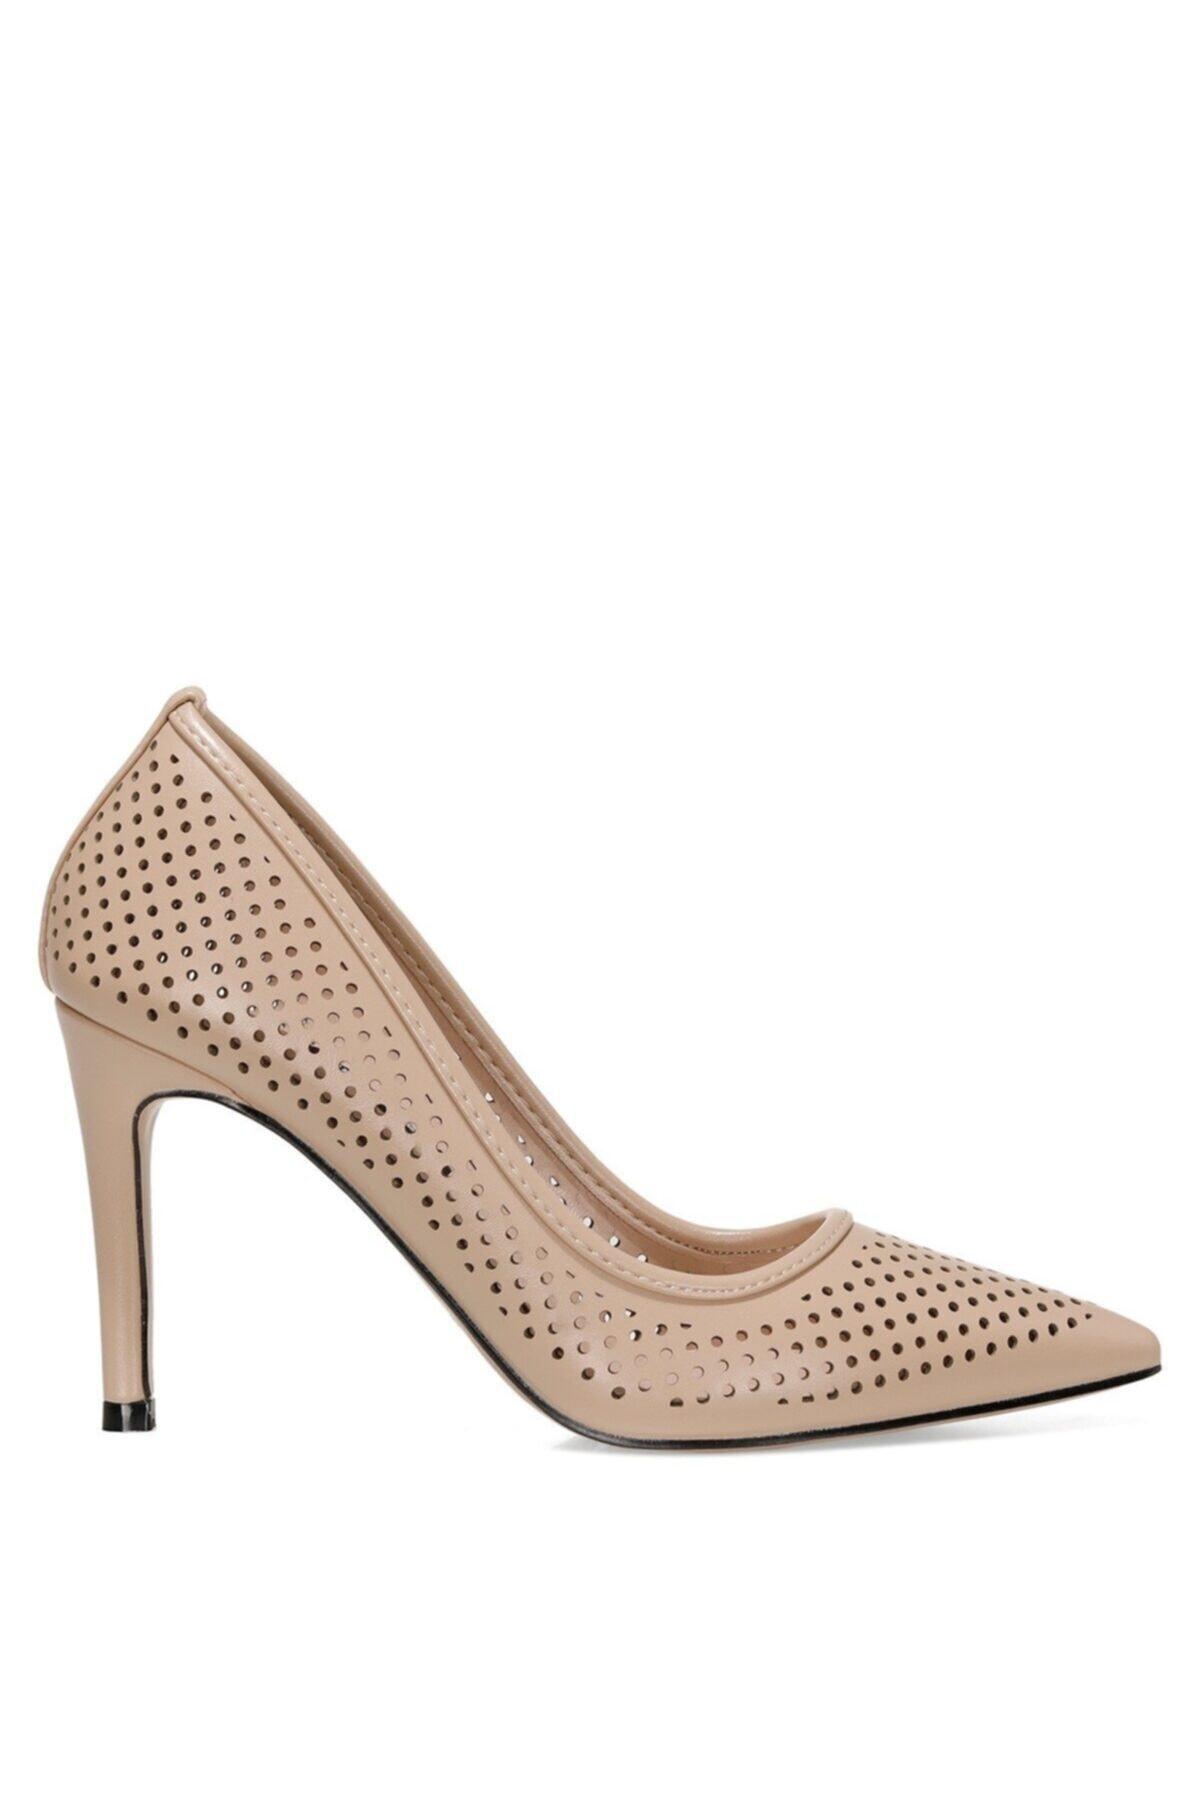 Nine West JERRIKA 1FX Naturel Kadın Klasik Topuklu Ayakkabı 101007987 1